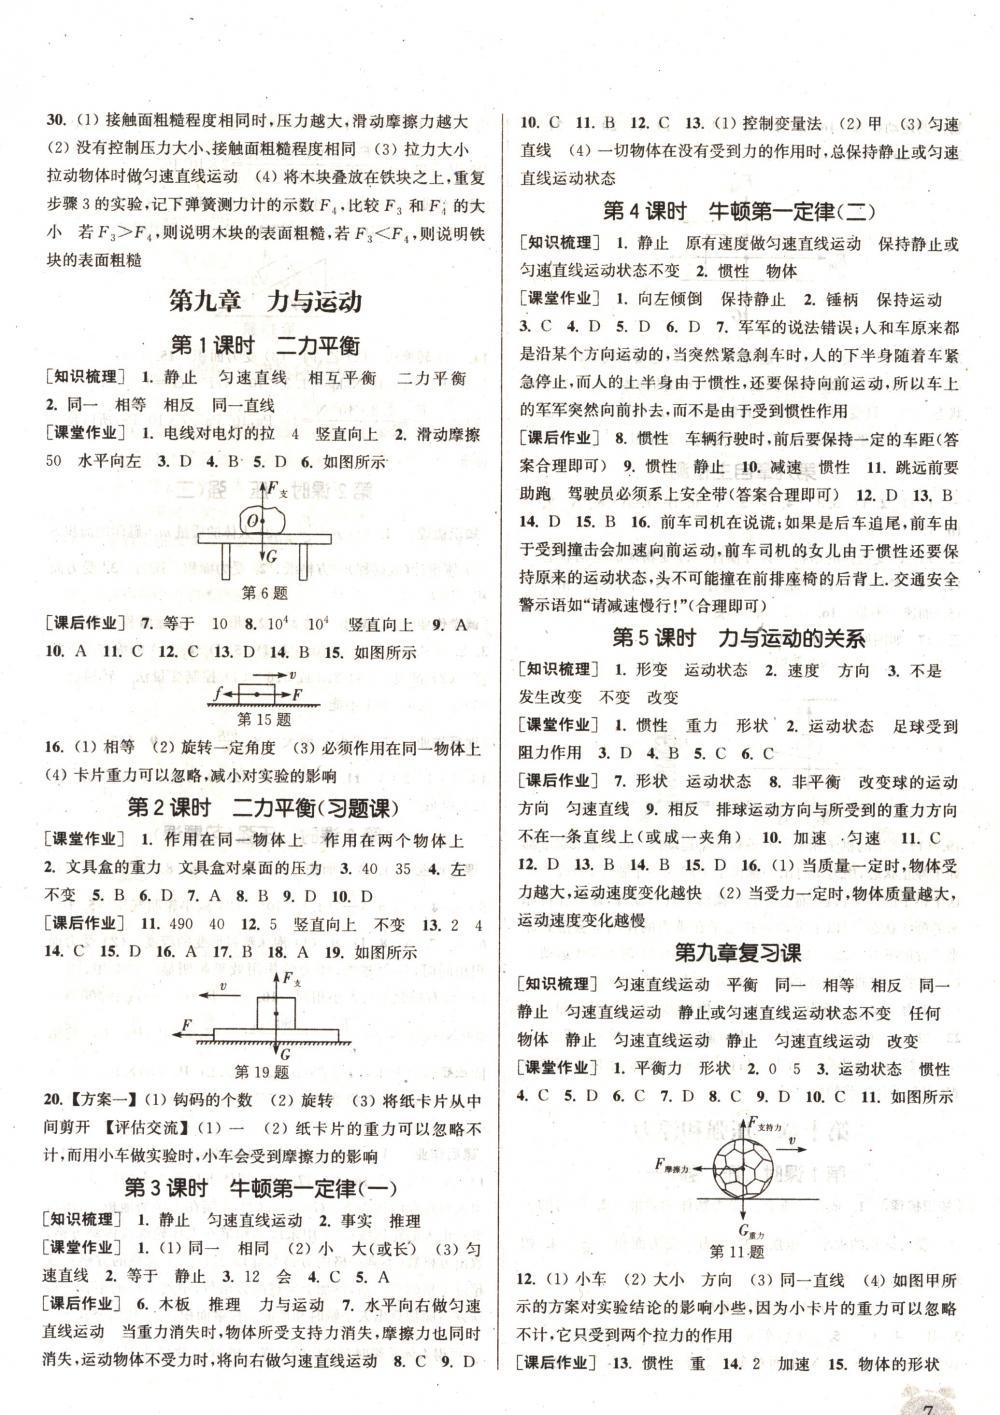 2018年通城学典课时作业本八年级物理下册苏科版第7页